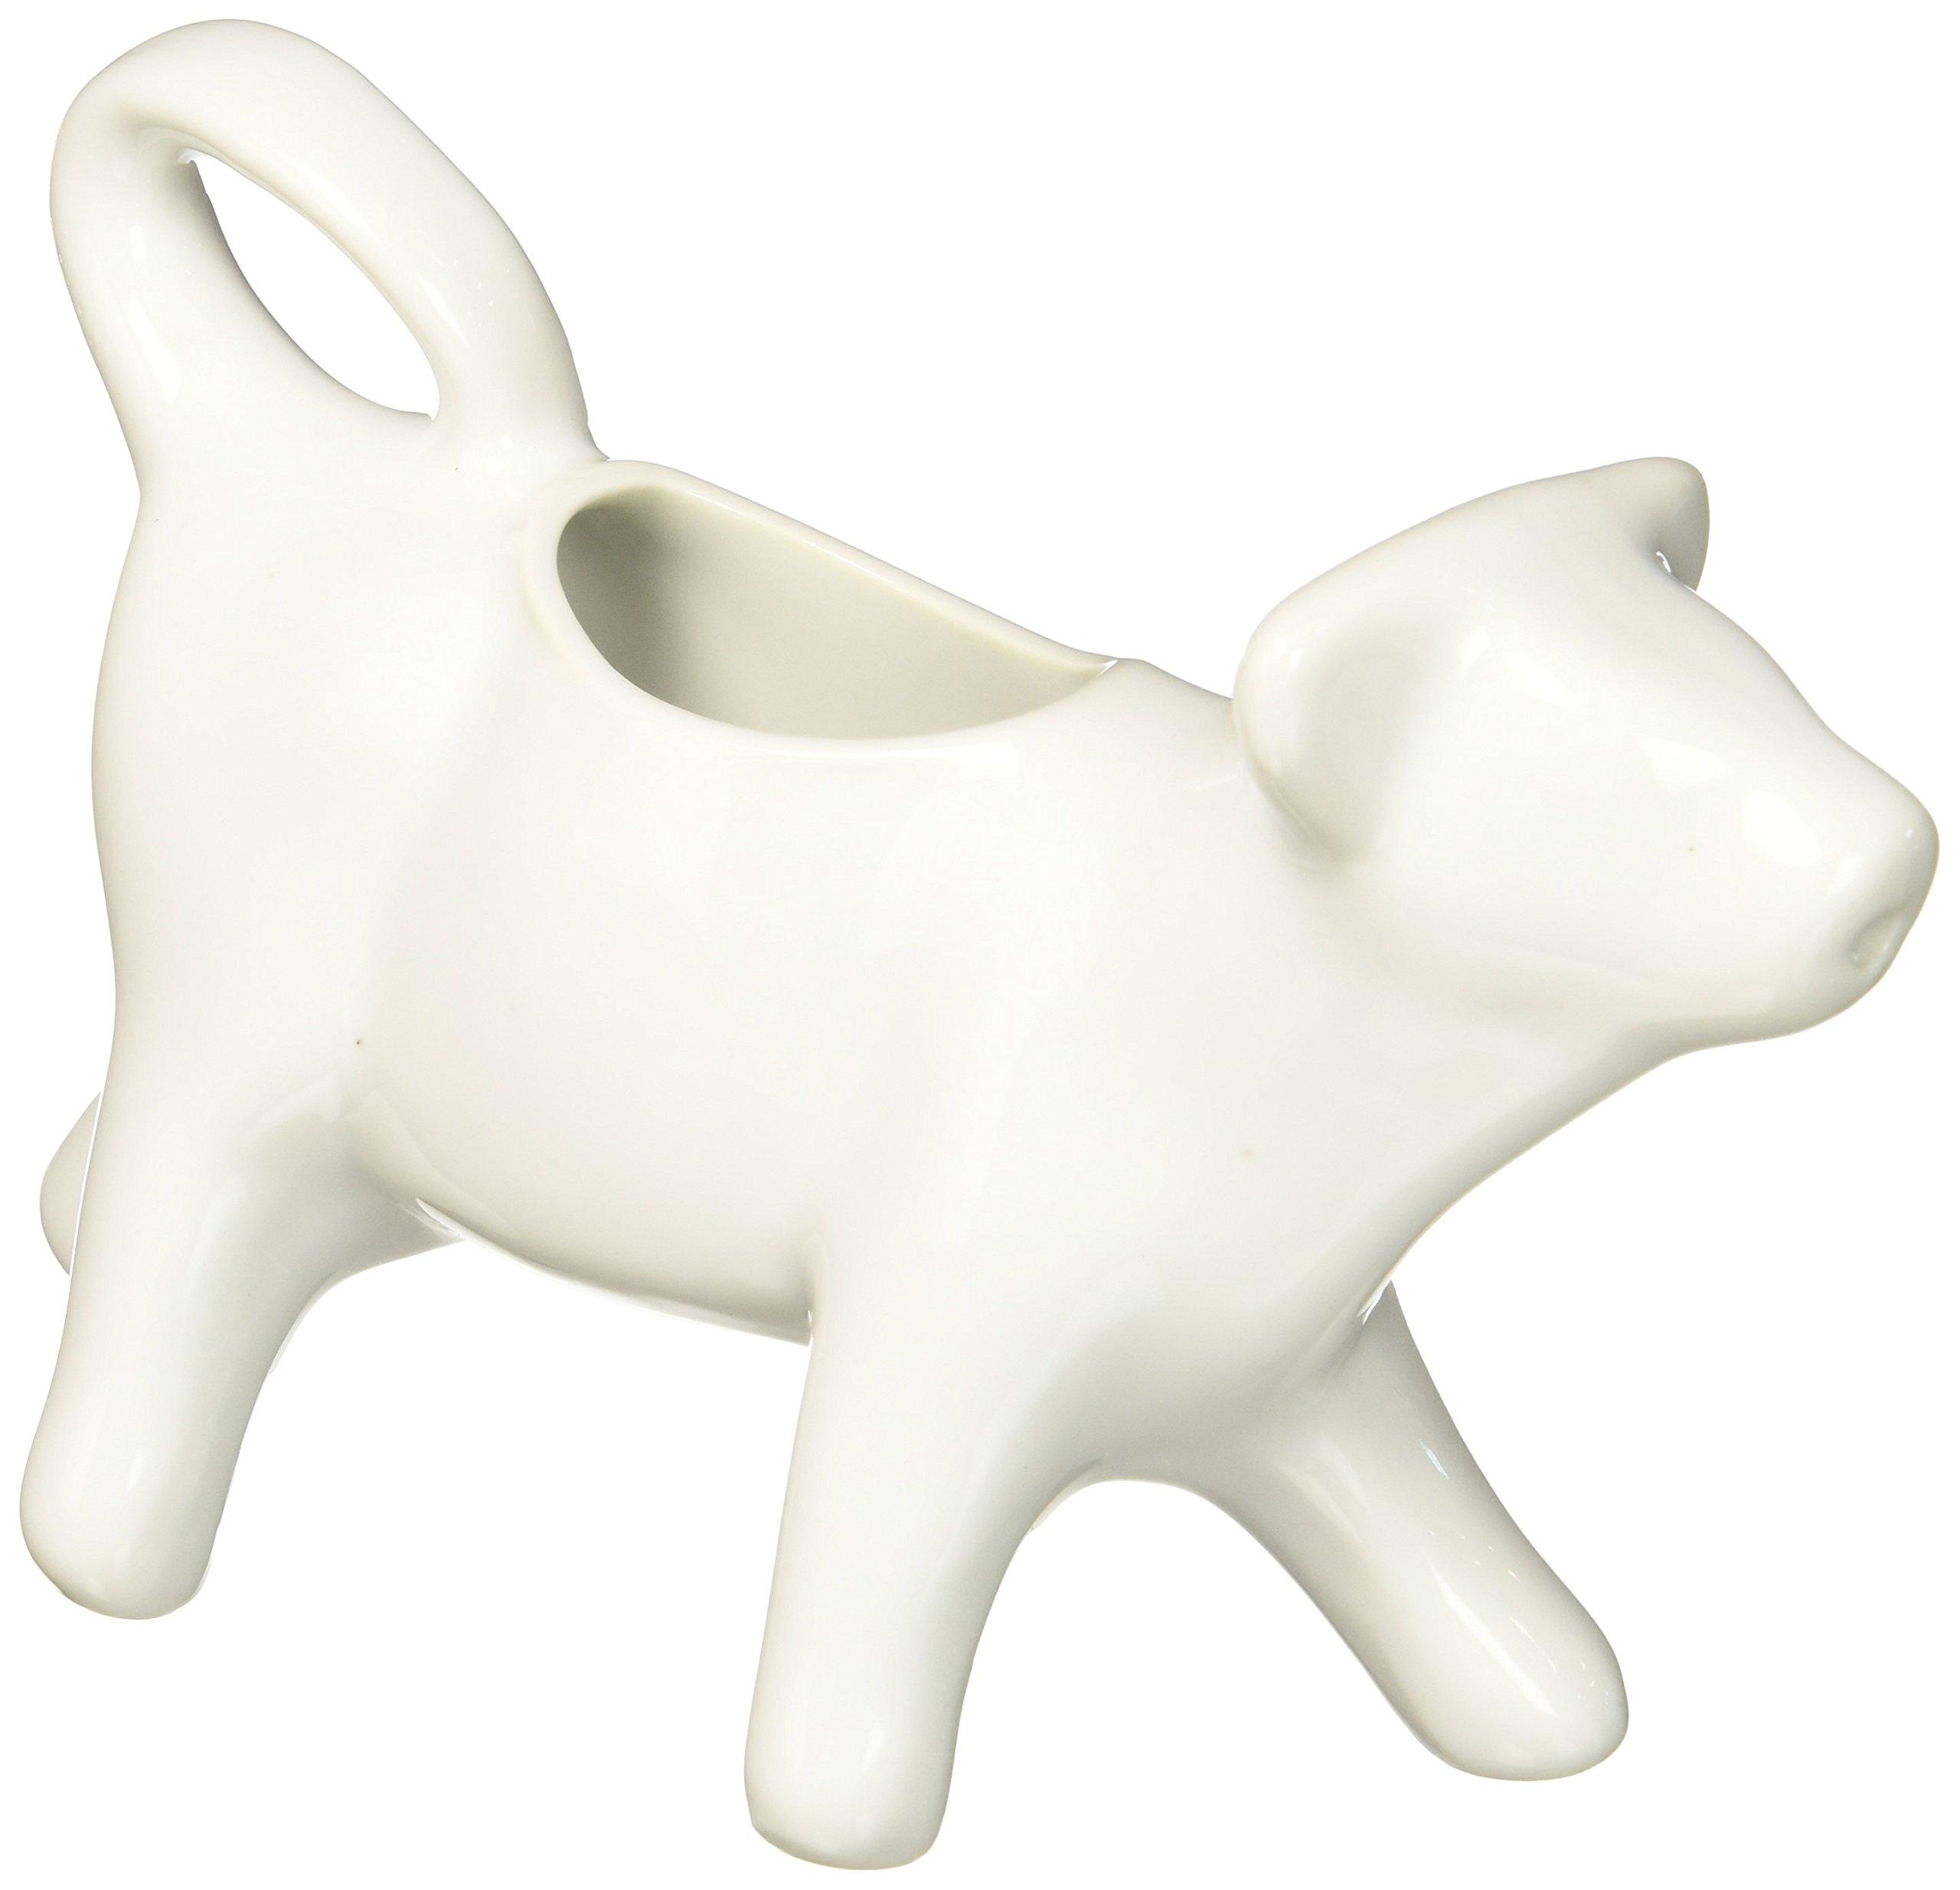 BIA Cordon Bleu Cow Creamer by BIA Cordon Bleu